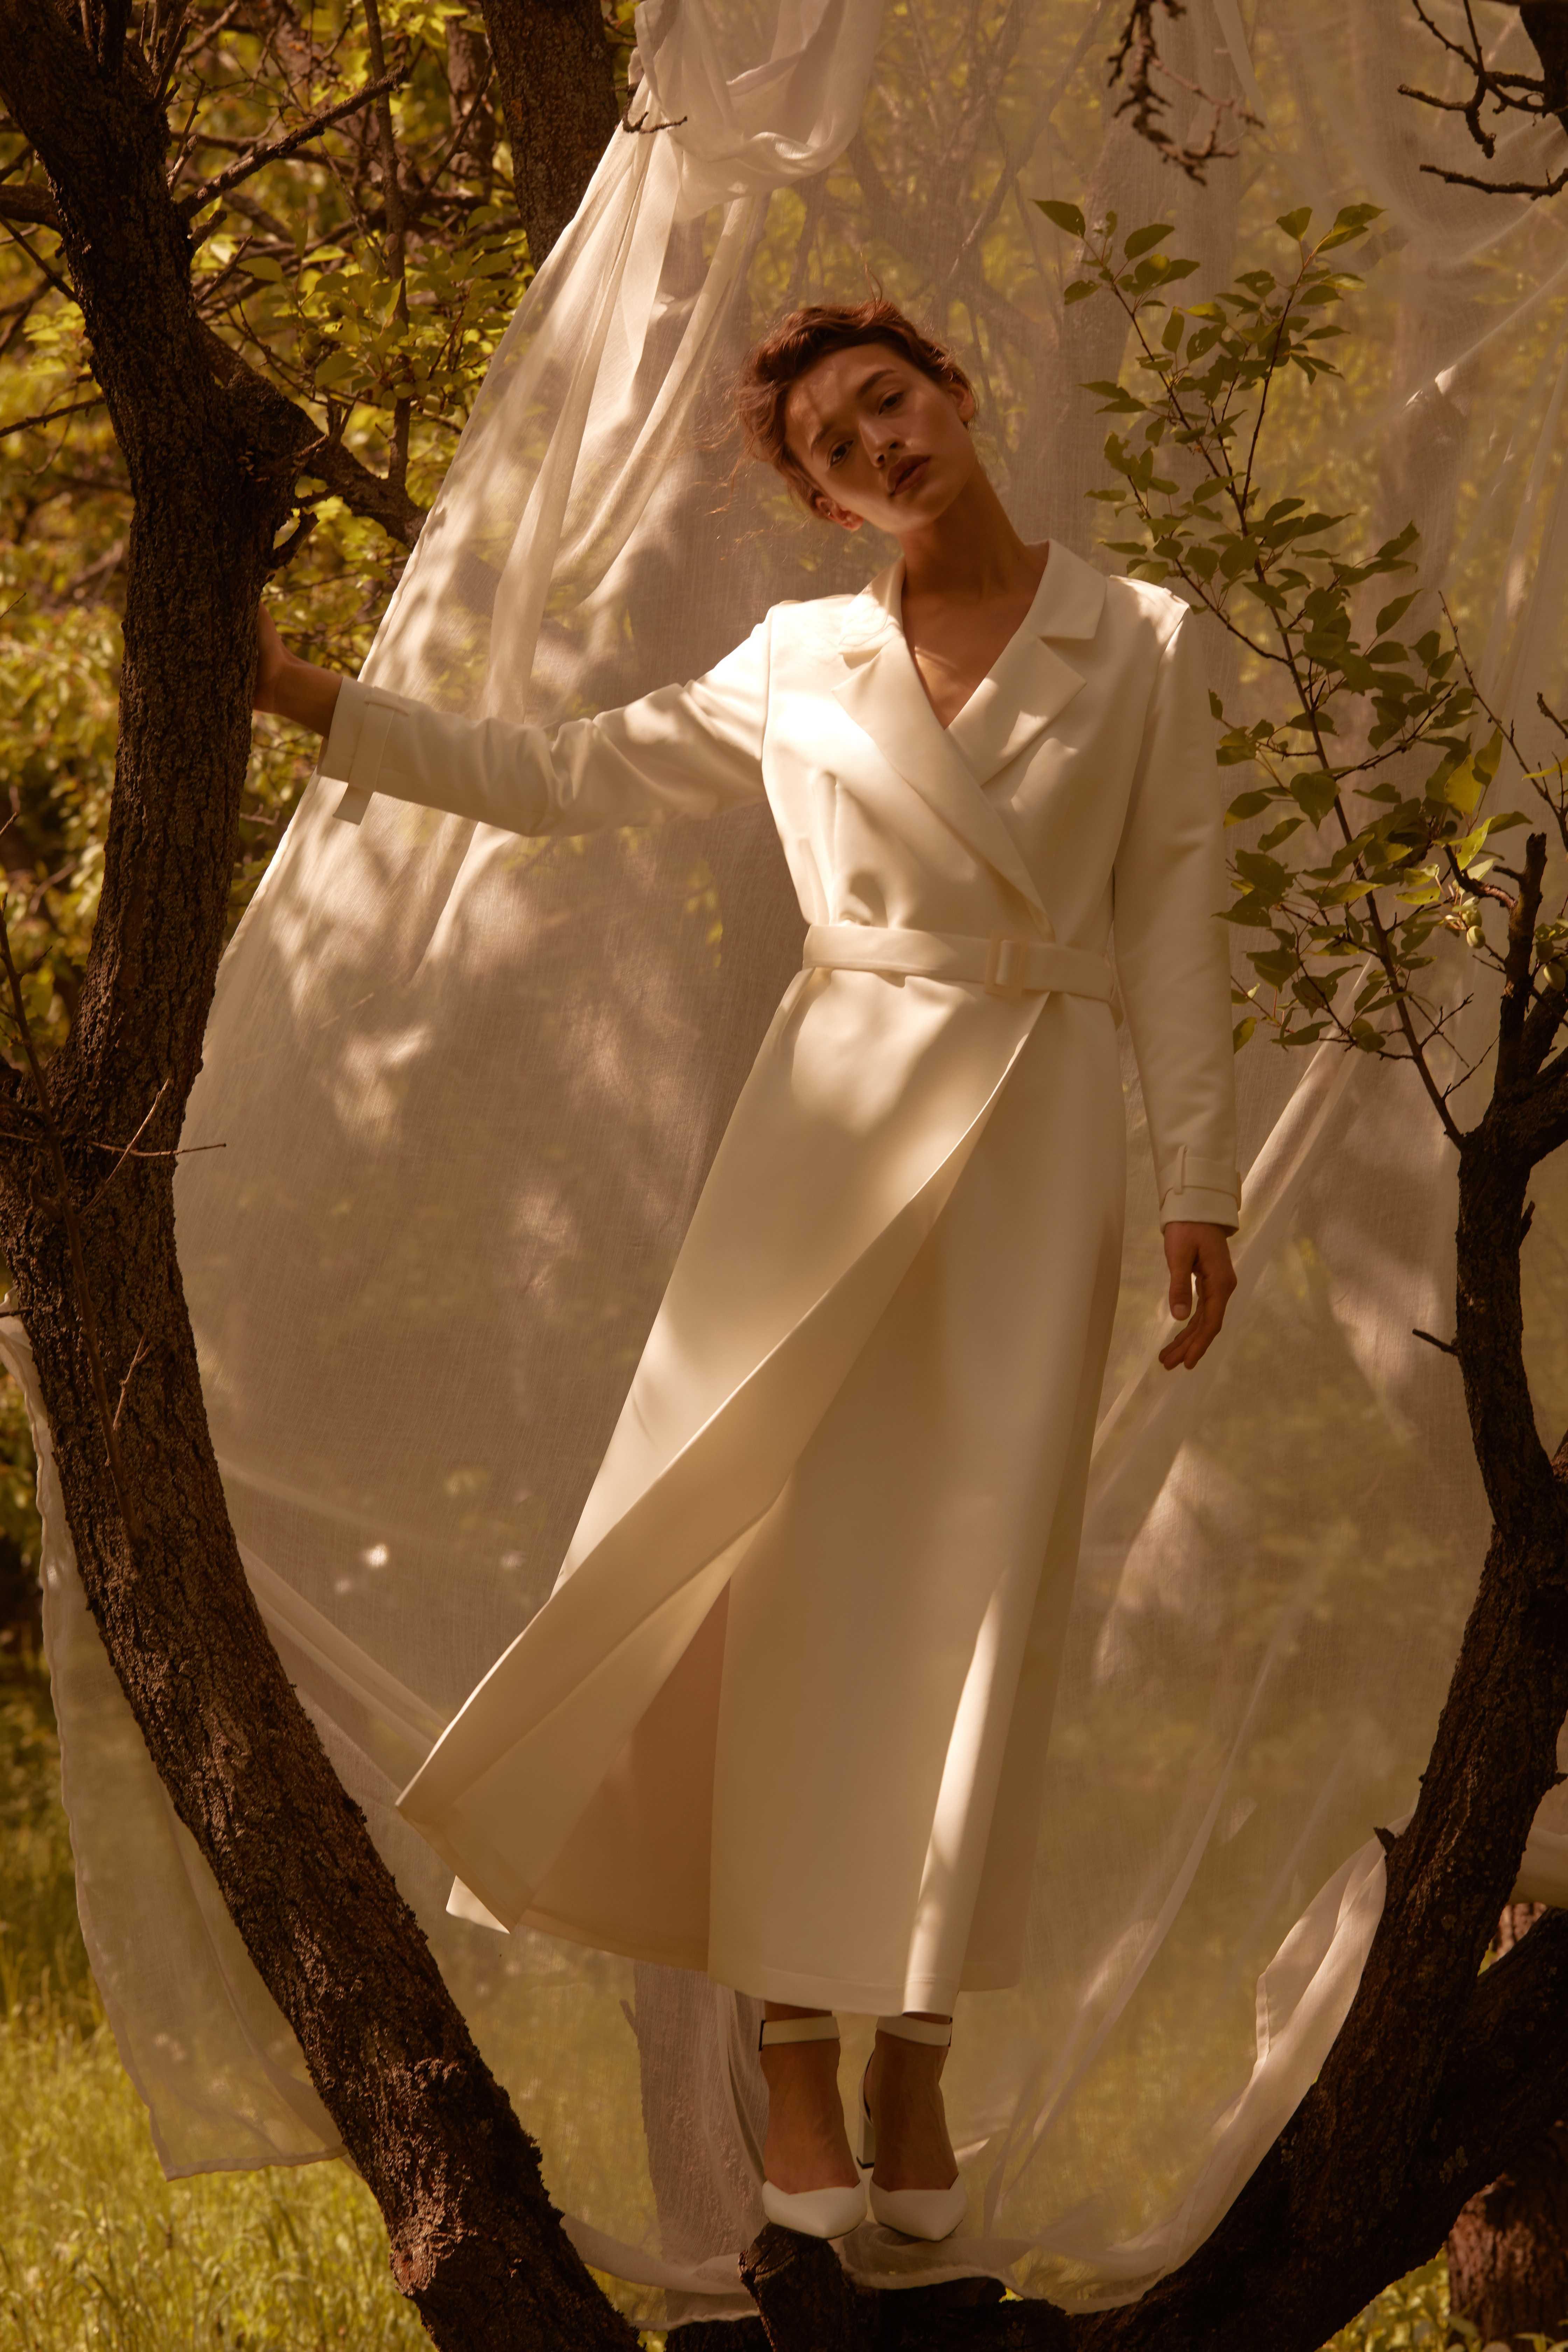 Лесная песня, лилия и образ Мавки в новой коллекции - Total White x SHUSHAN 6